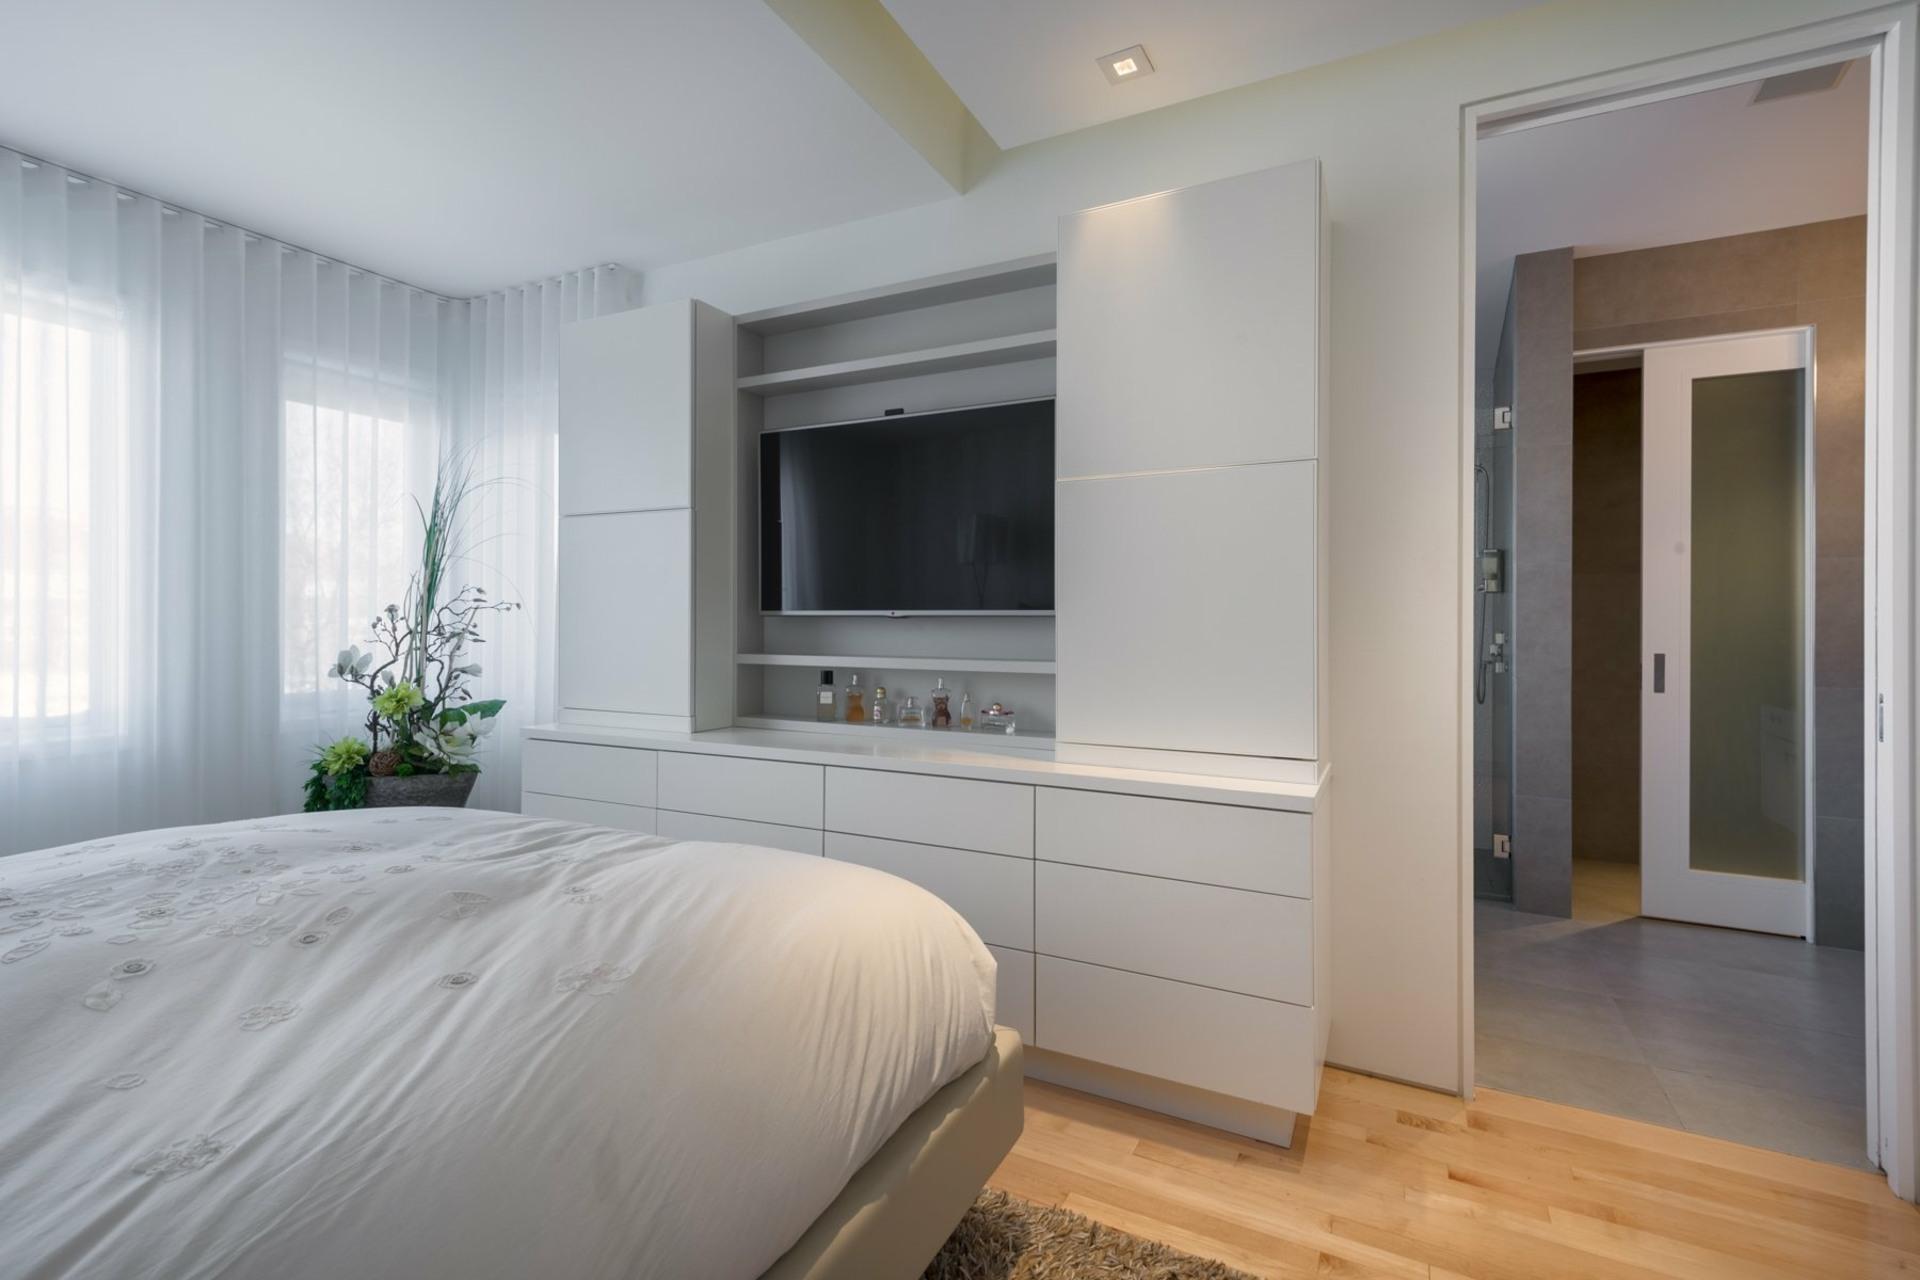 image 22 - House For sale Montréal Côte-des-Neiges/Notre-Dame-de-Grâce  - 9 rooms